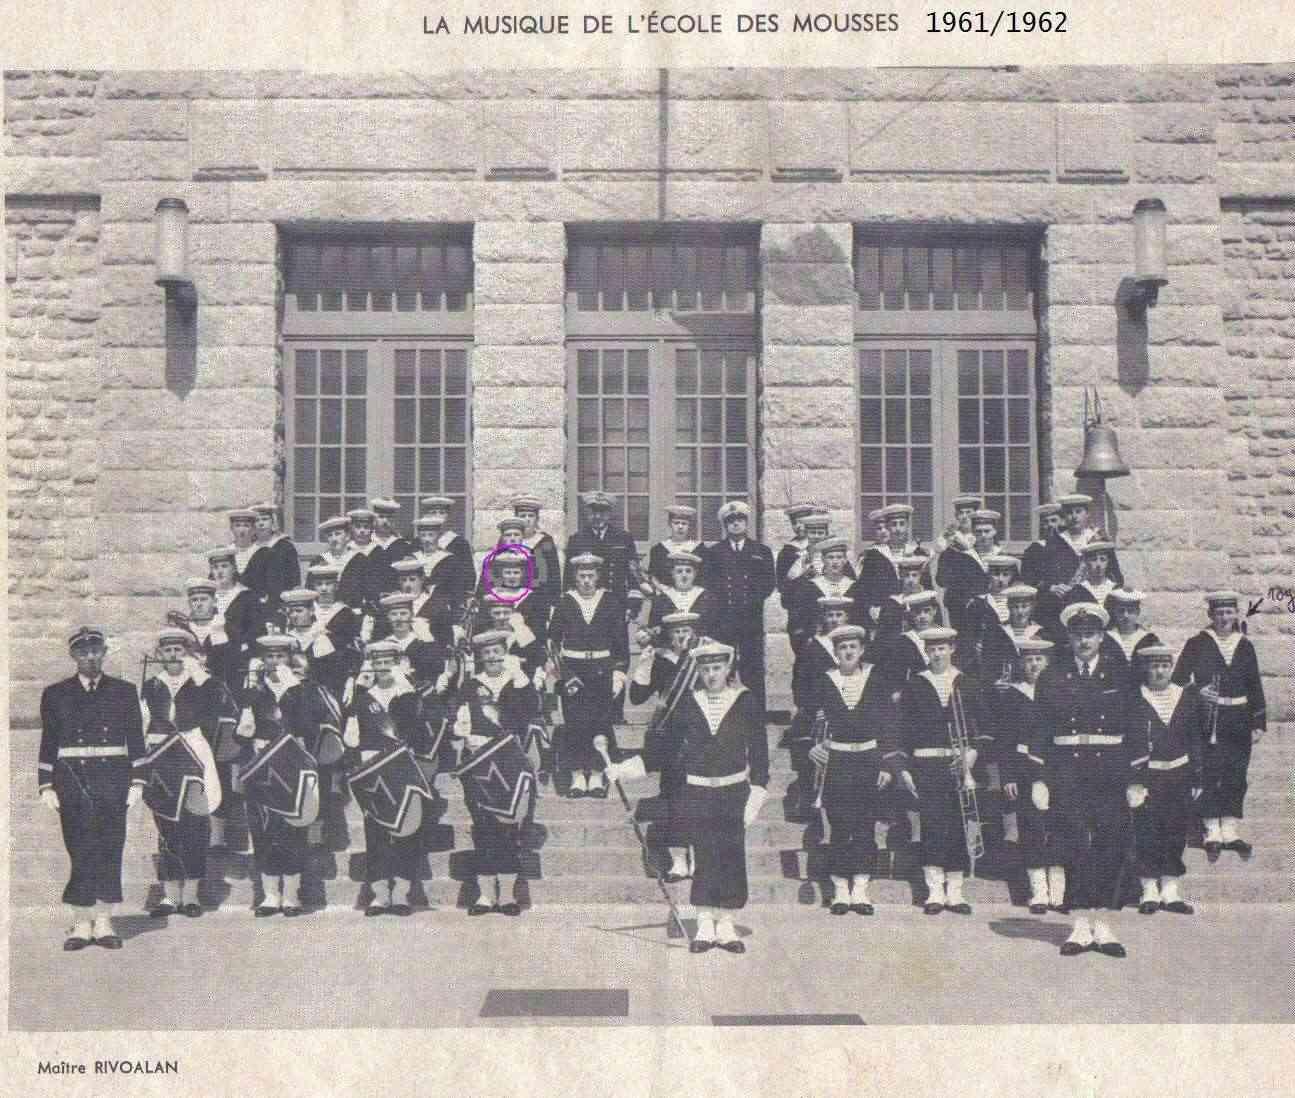 [La musique dans la Marine] Les fanfares des écoles... - Page 2 Lastsc87